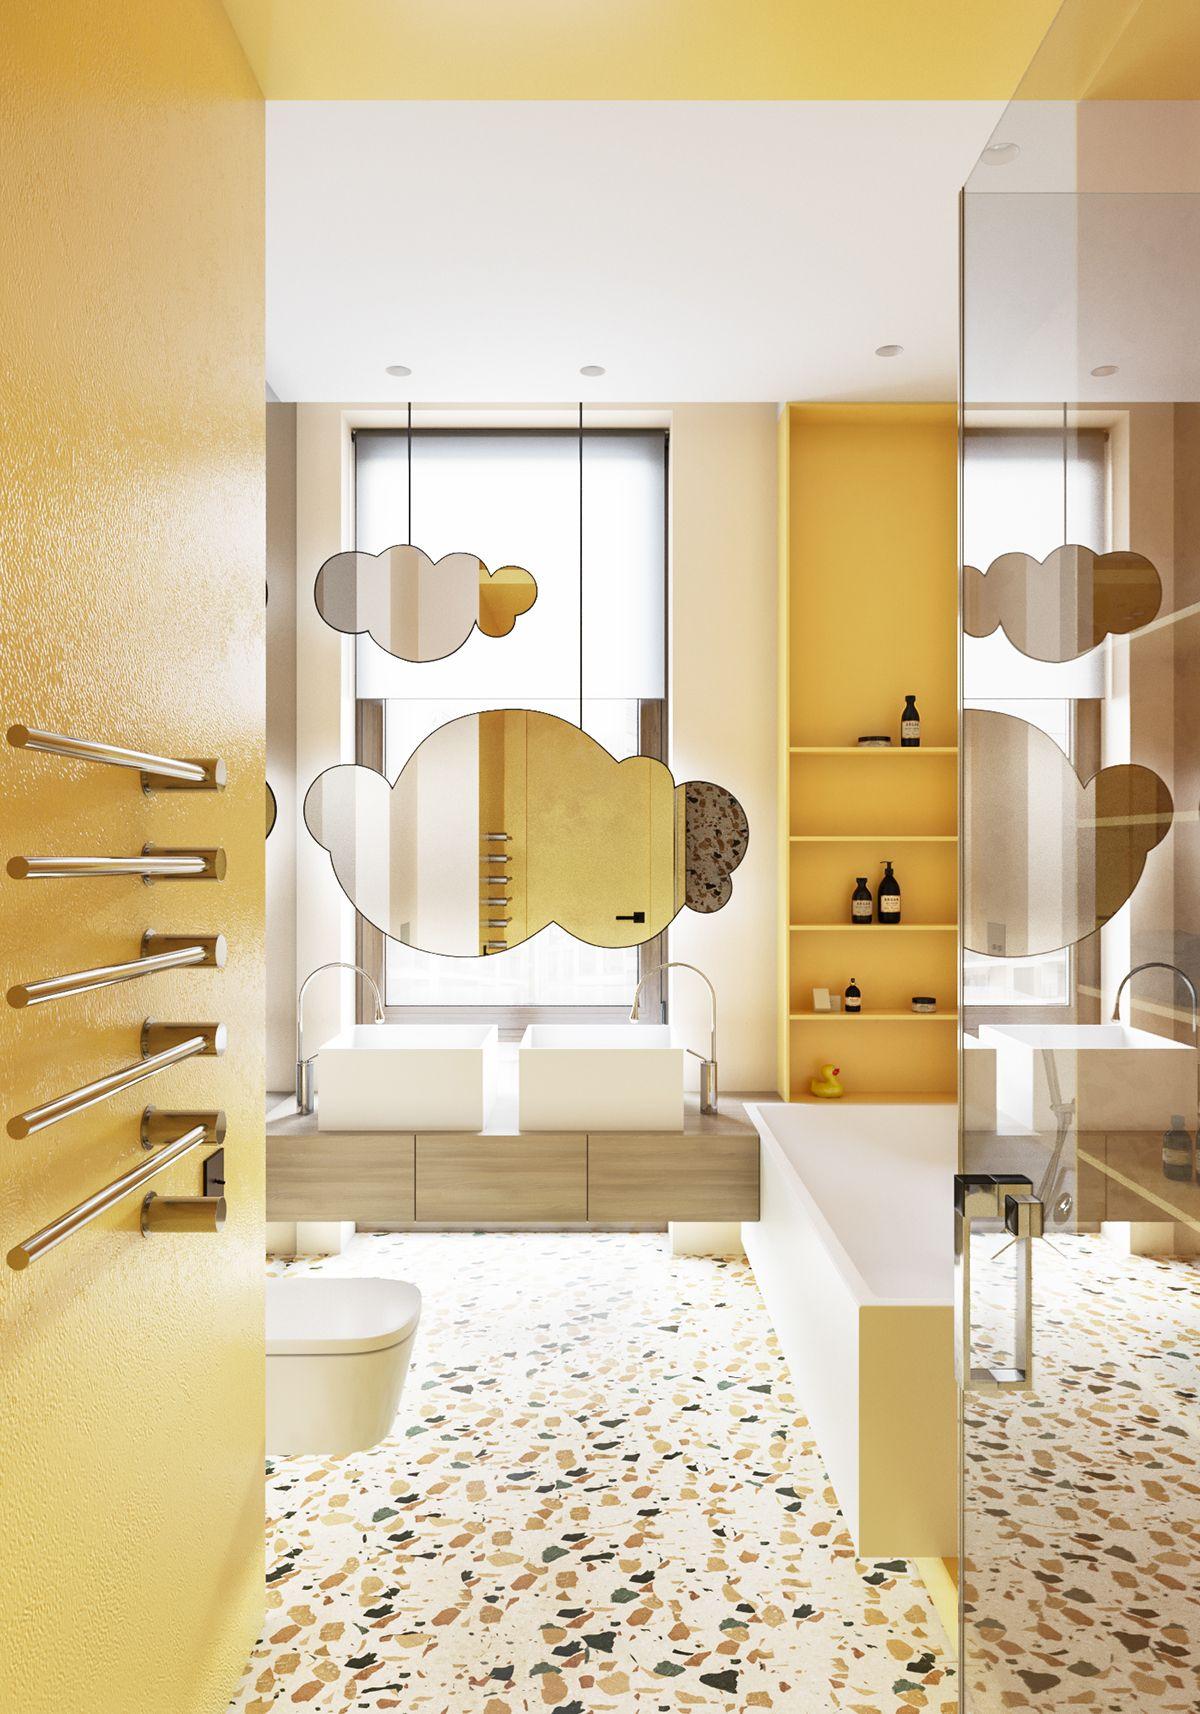 Gelbe fliesen bad ideen pvz  on behance  terrazzo  pinterest  architektur